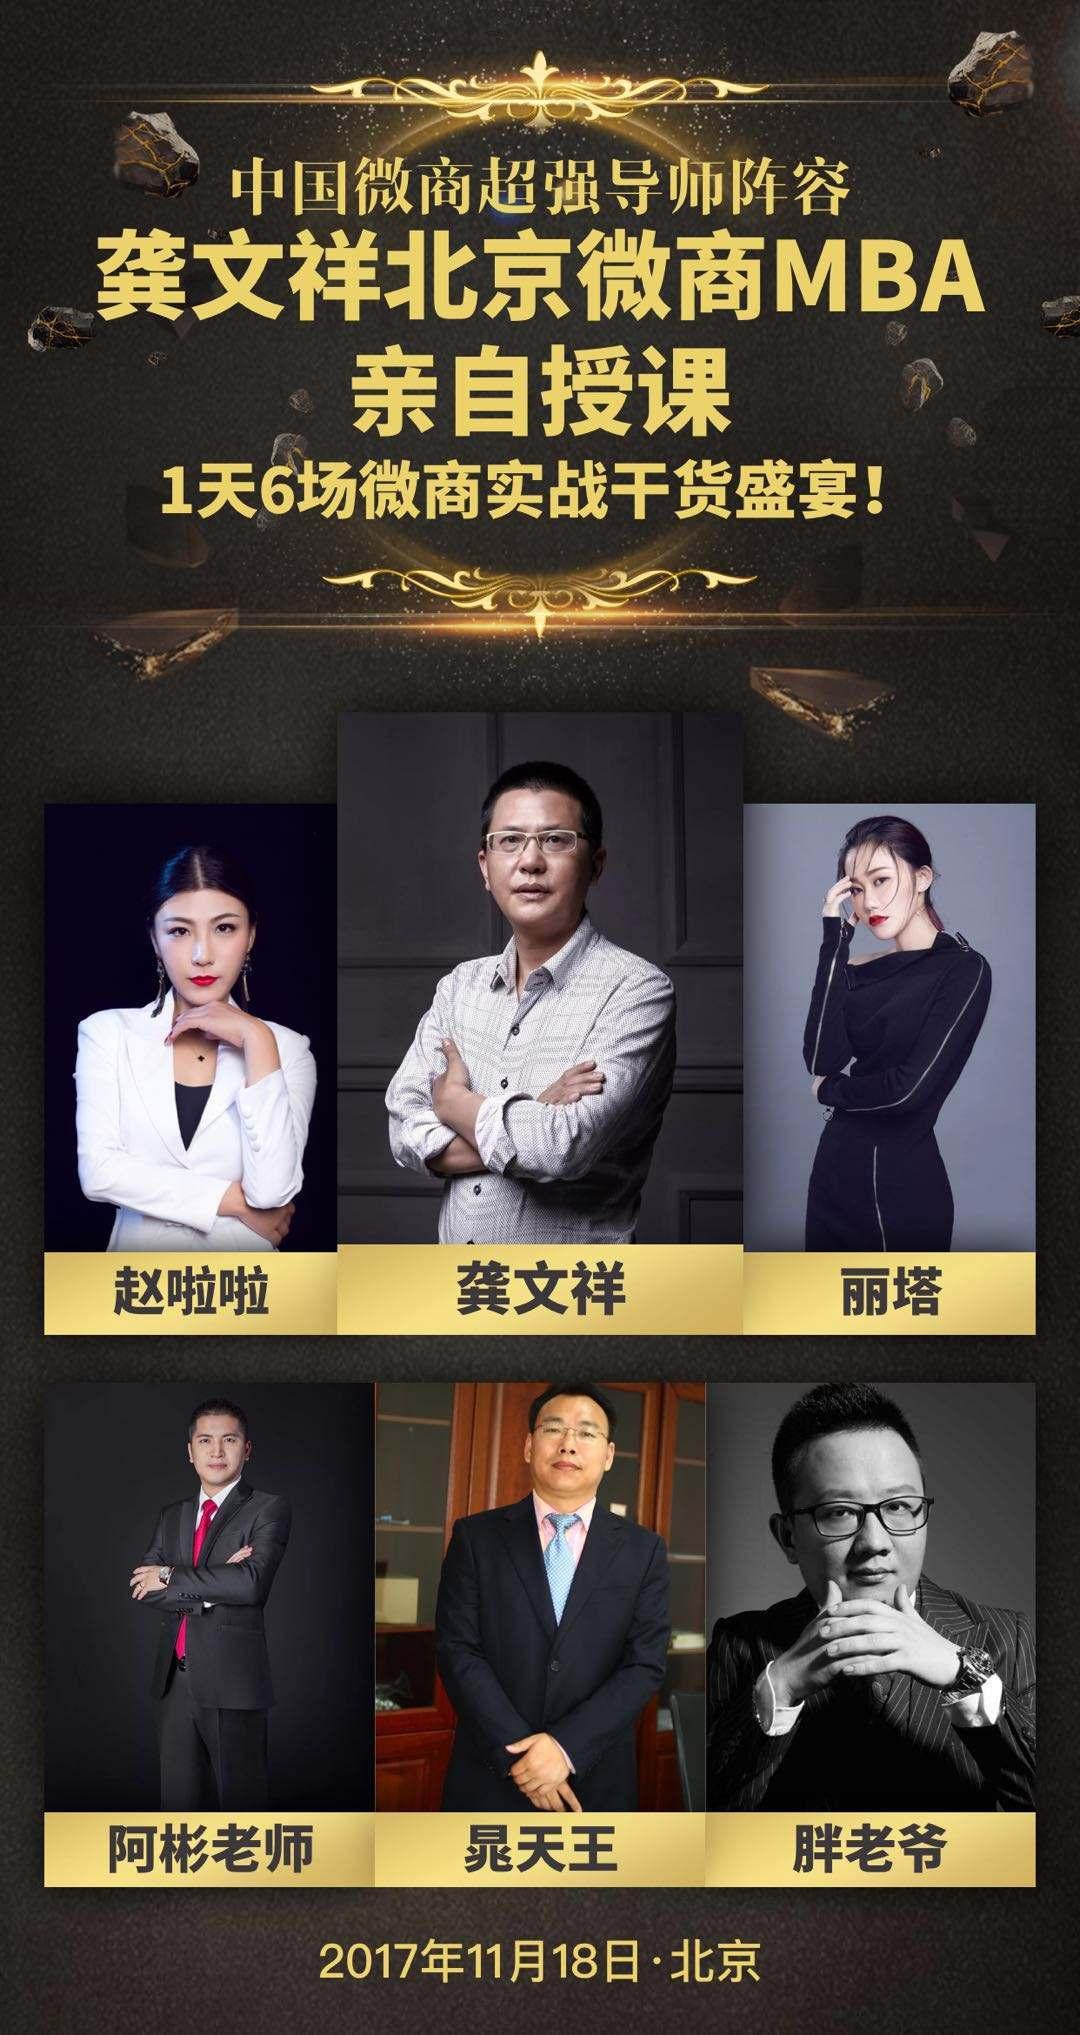 龚文祥亲自讲课:1天之内让你学习到中国微商运营最顶尖的实战经验!